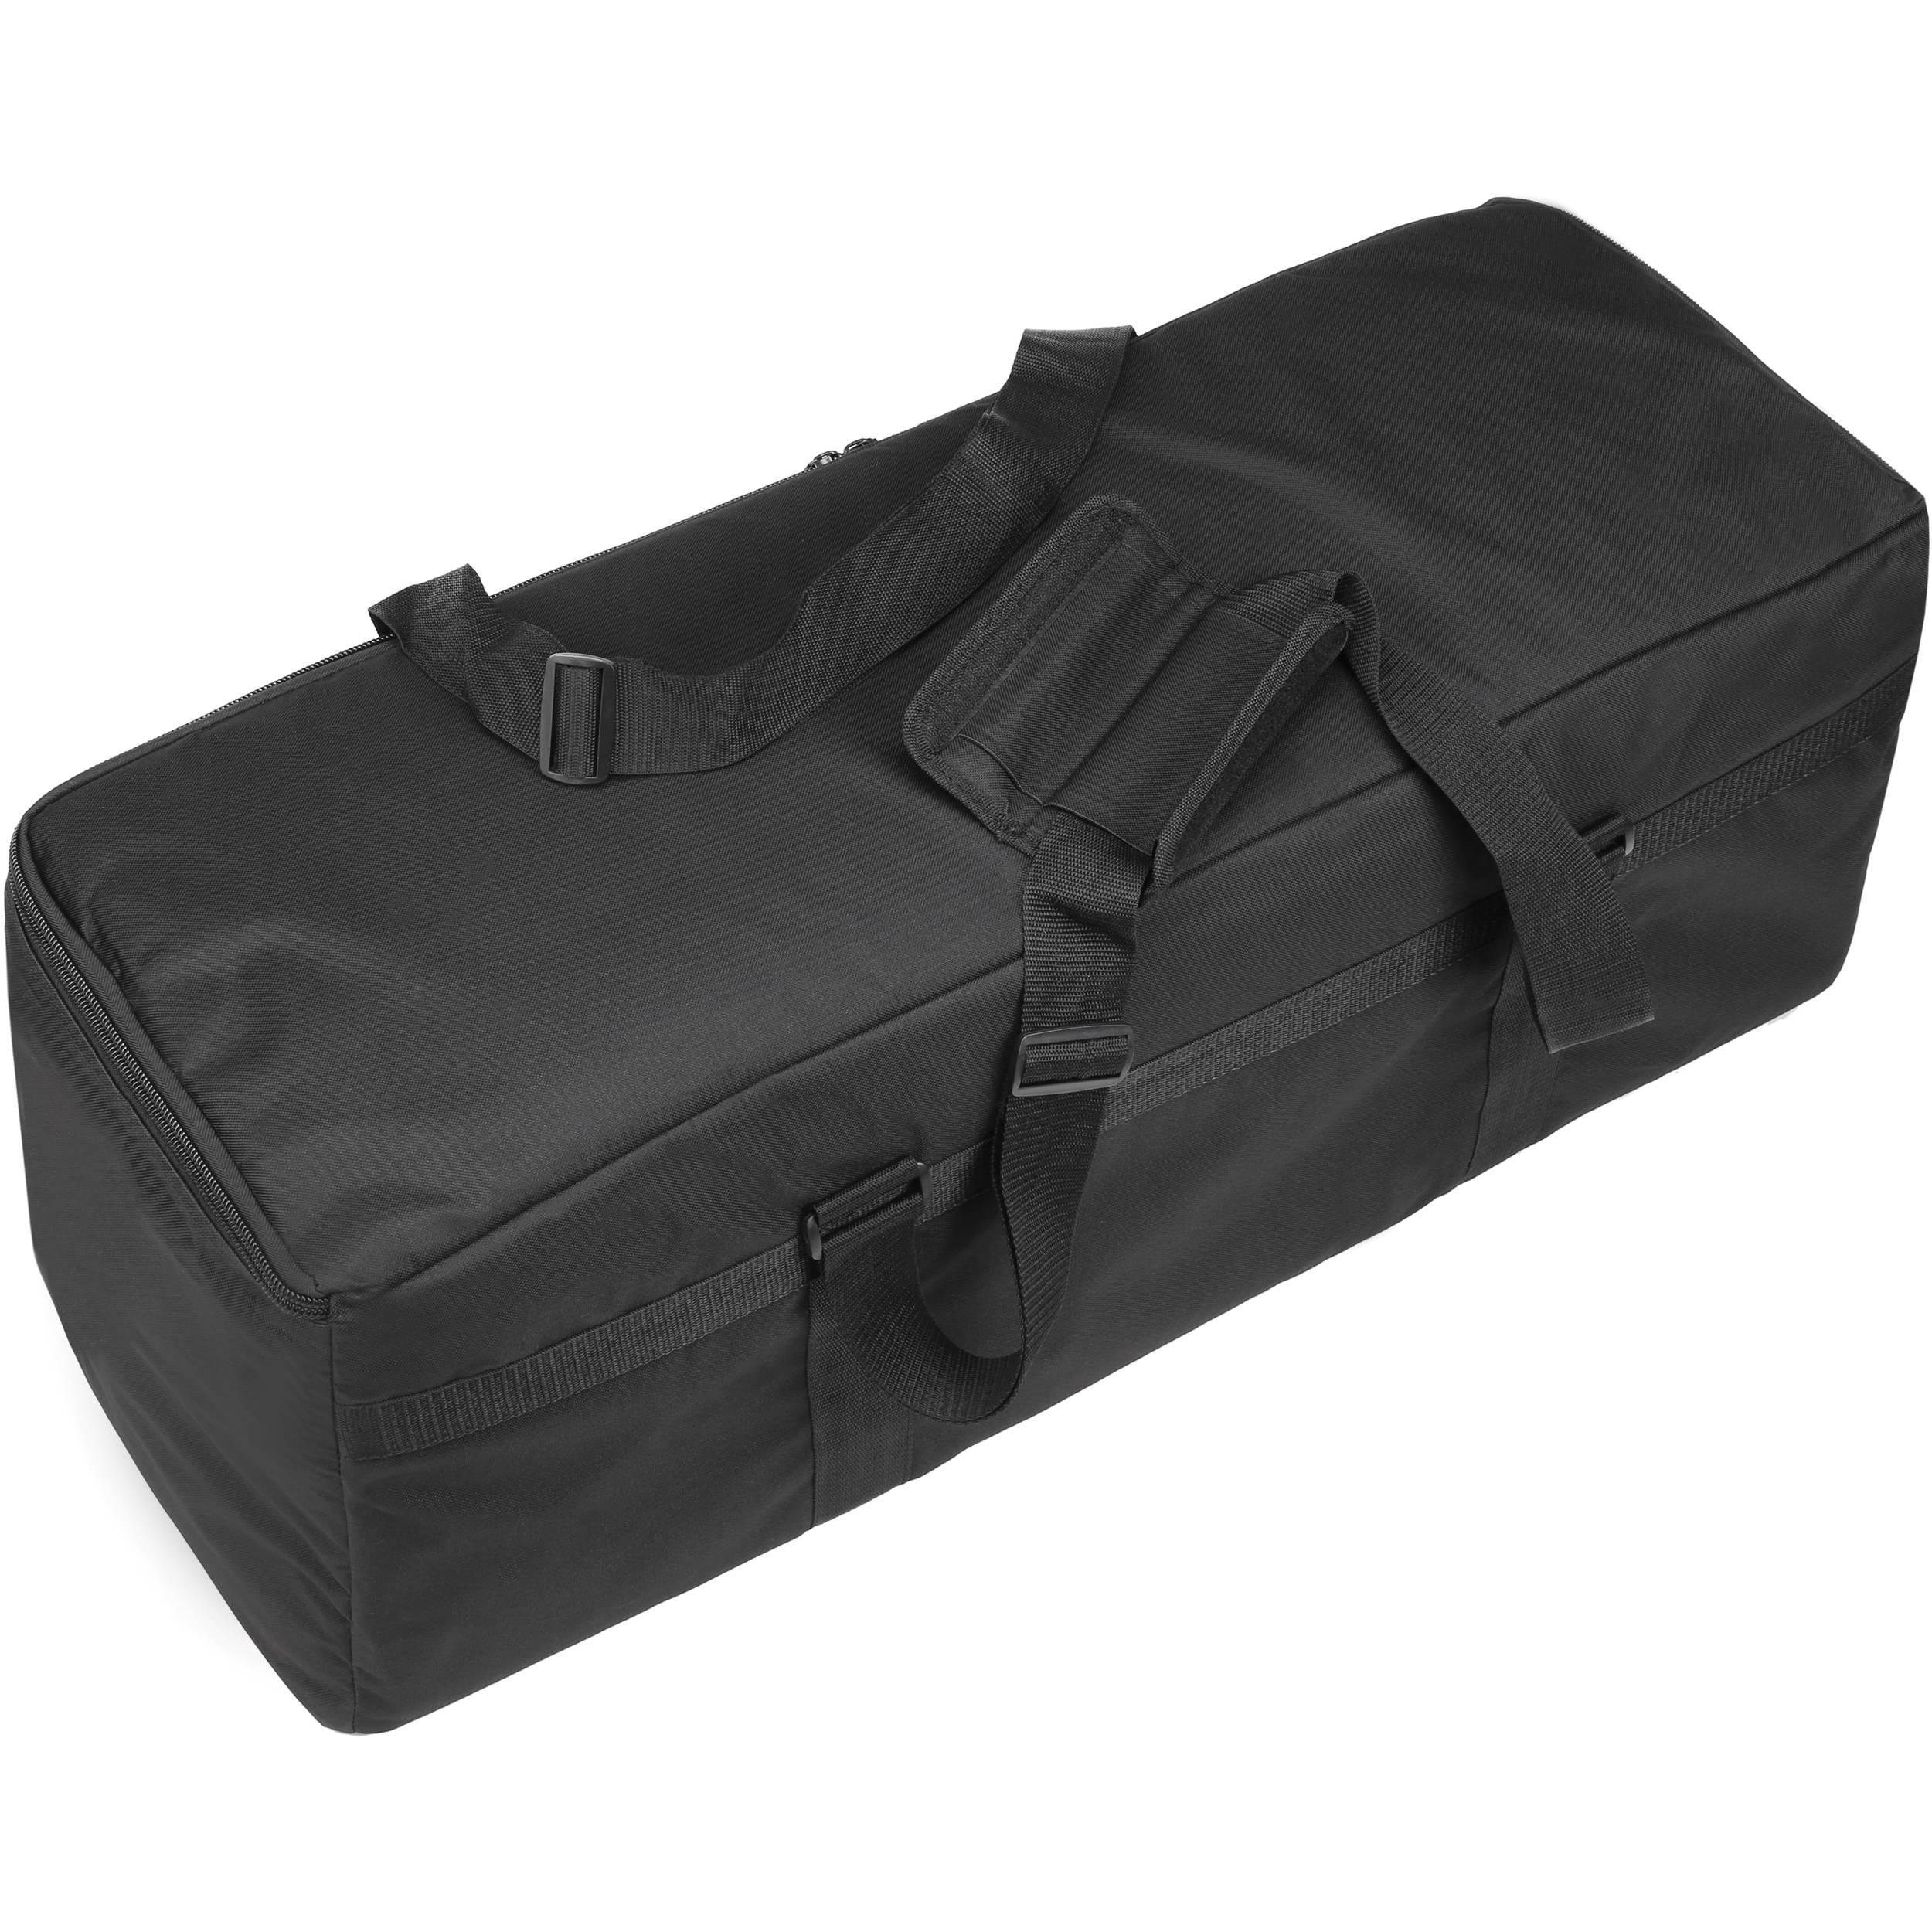 Impact Light Kit Bag 2 34 X 13 5 12